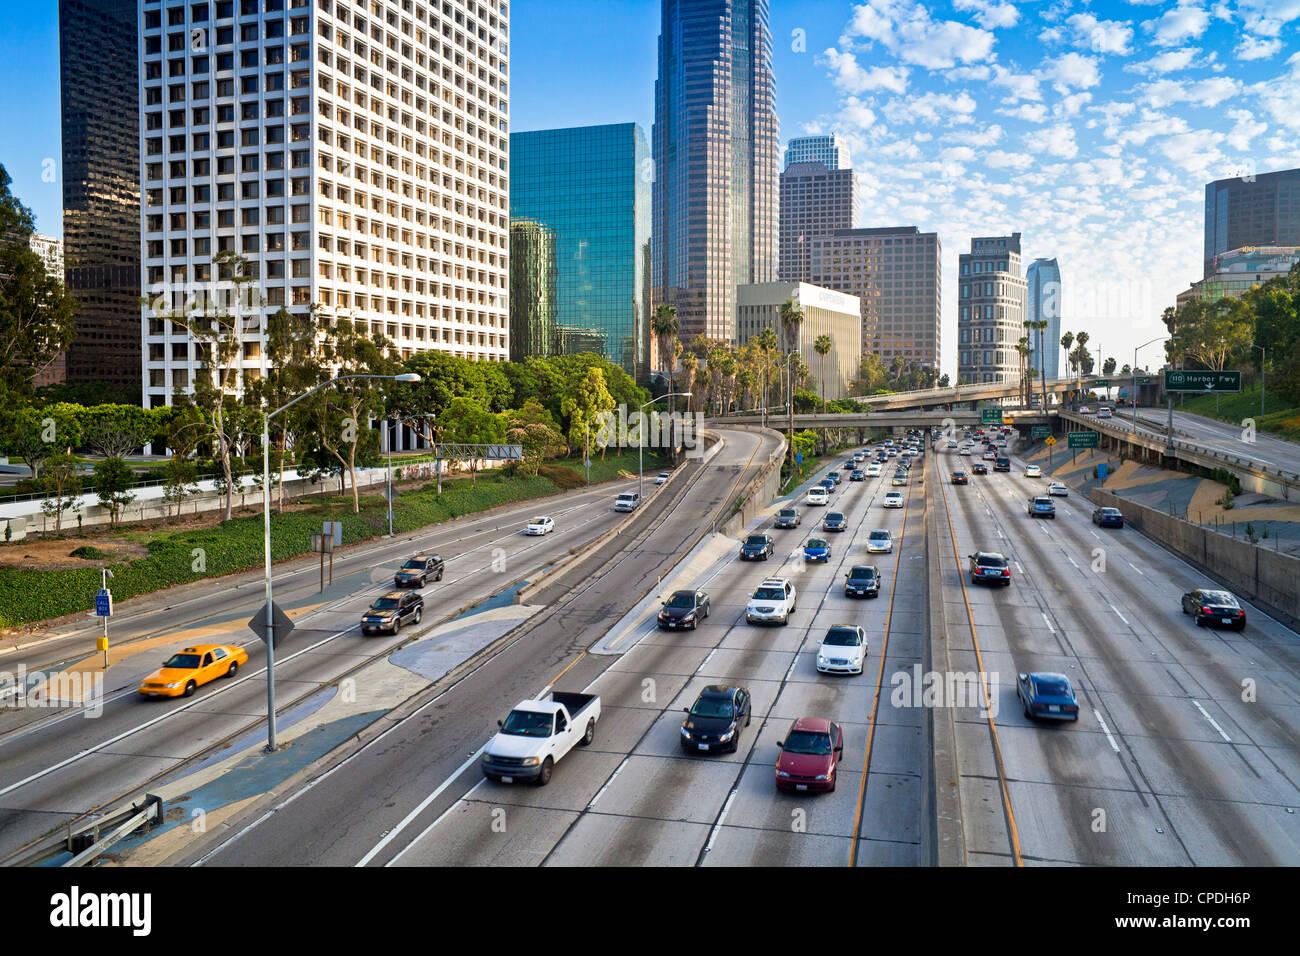 La 110 Harbor Freeway e il centro cittadino di Los Angeles skyline, California, Stati Uniti d'America, America Immagini Stock